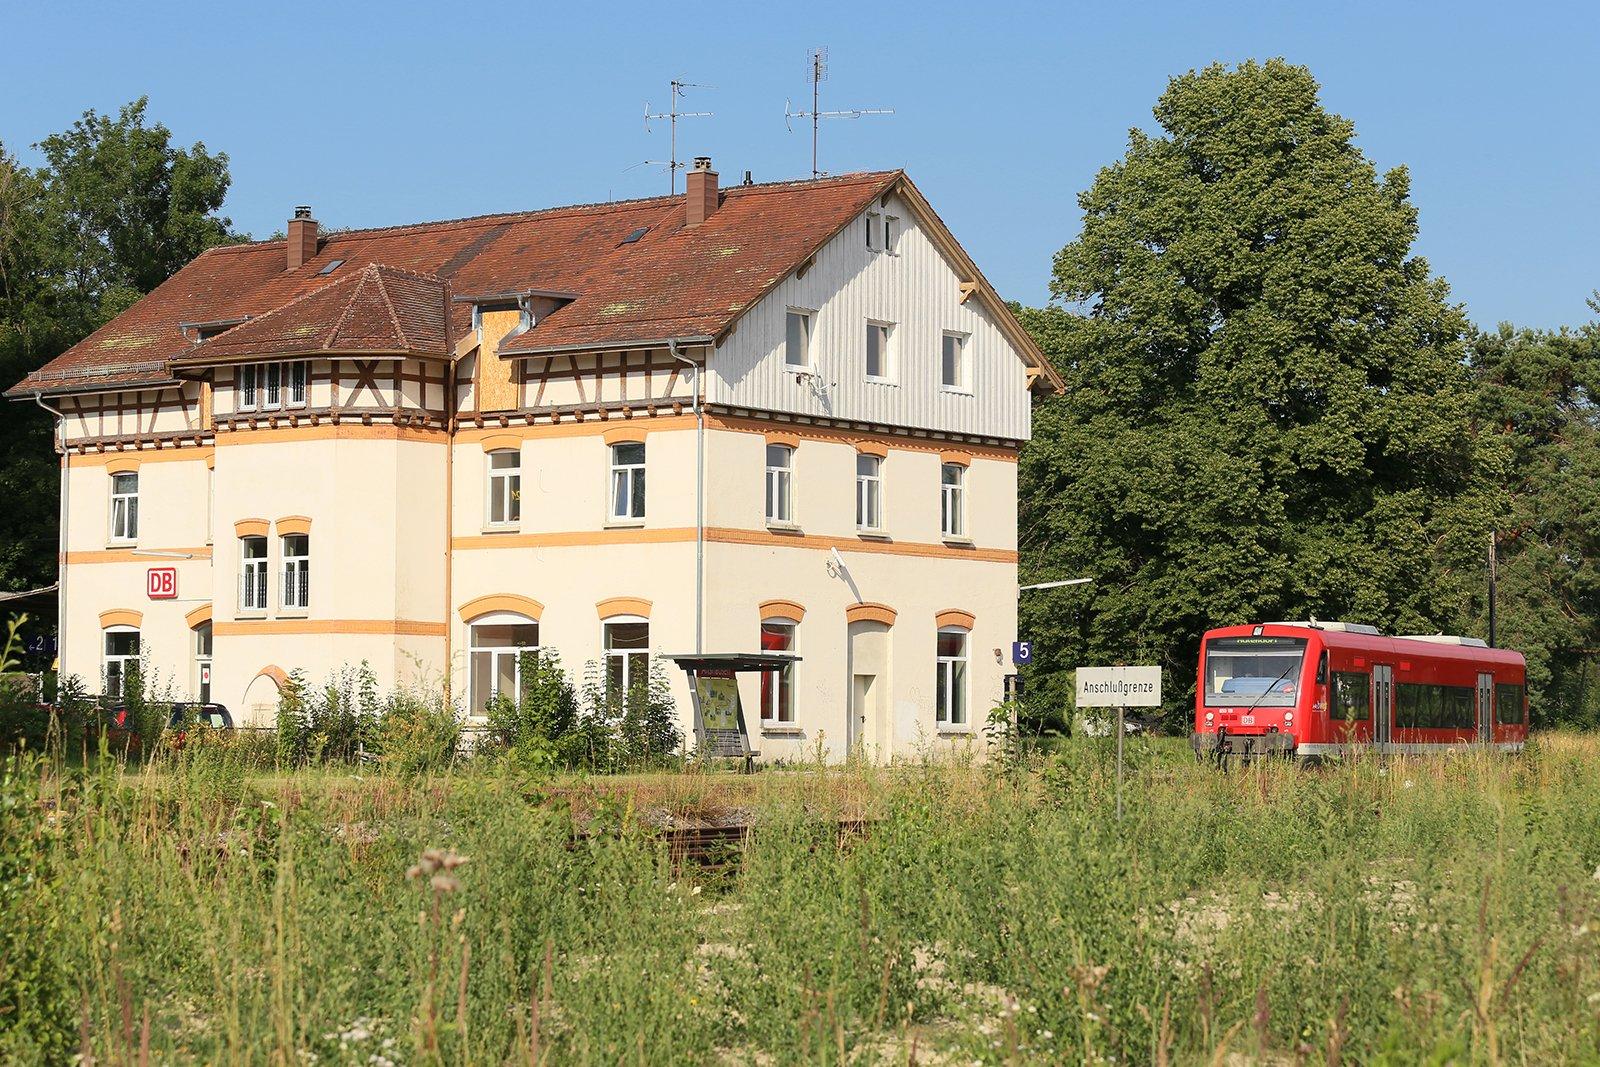 Bahnsteig und Bahnhofsgebäude Altshausen